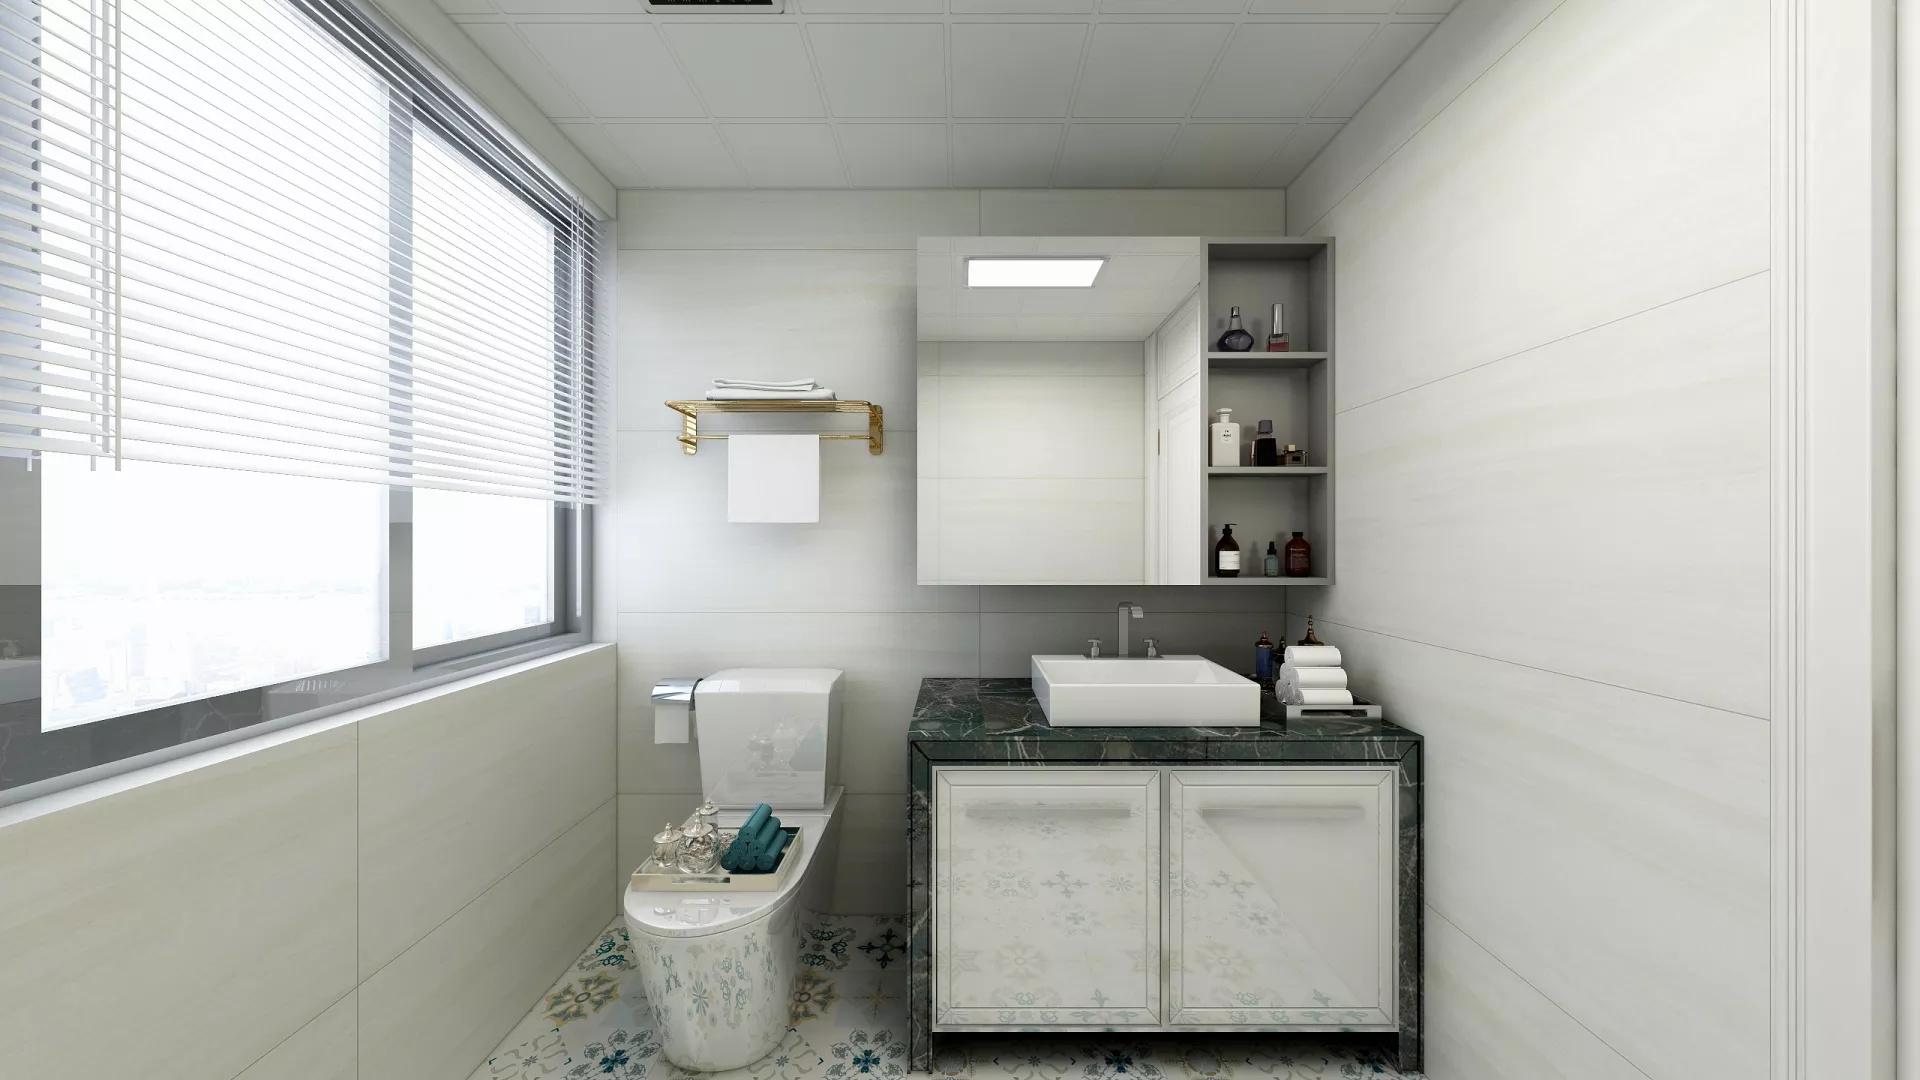 怎樣清潔九牧浴缸 九牧浴缸清潔方法